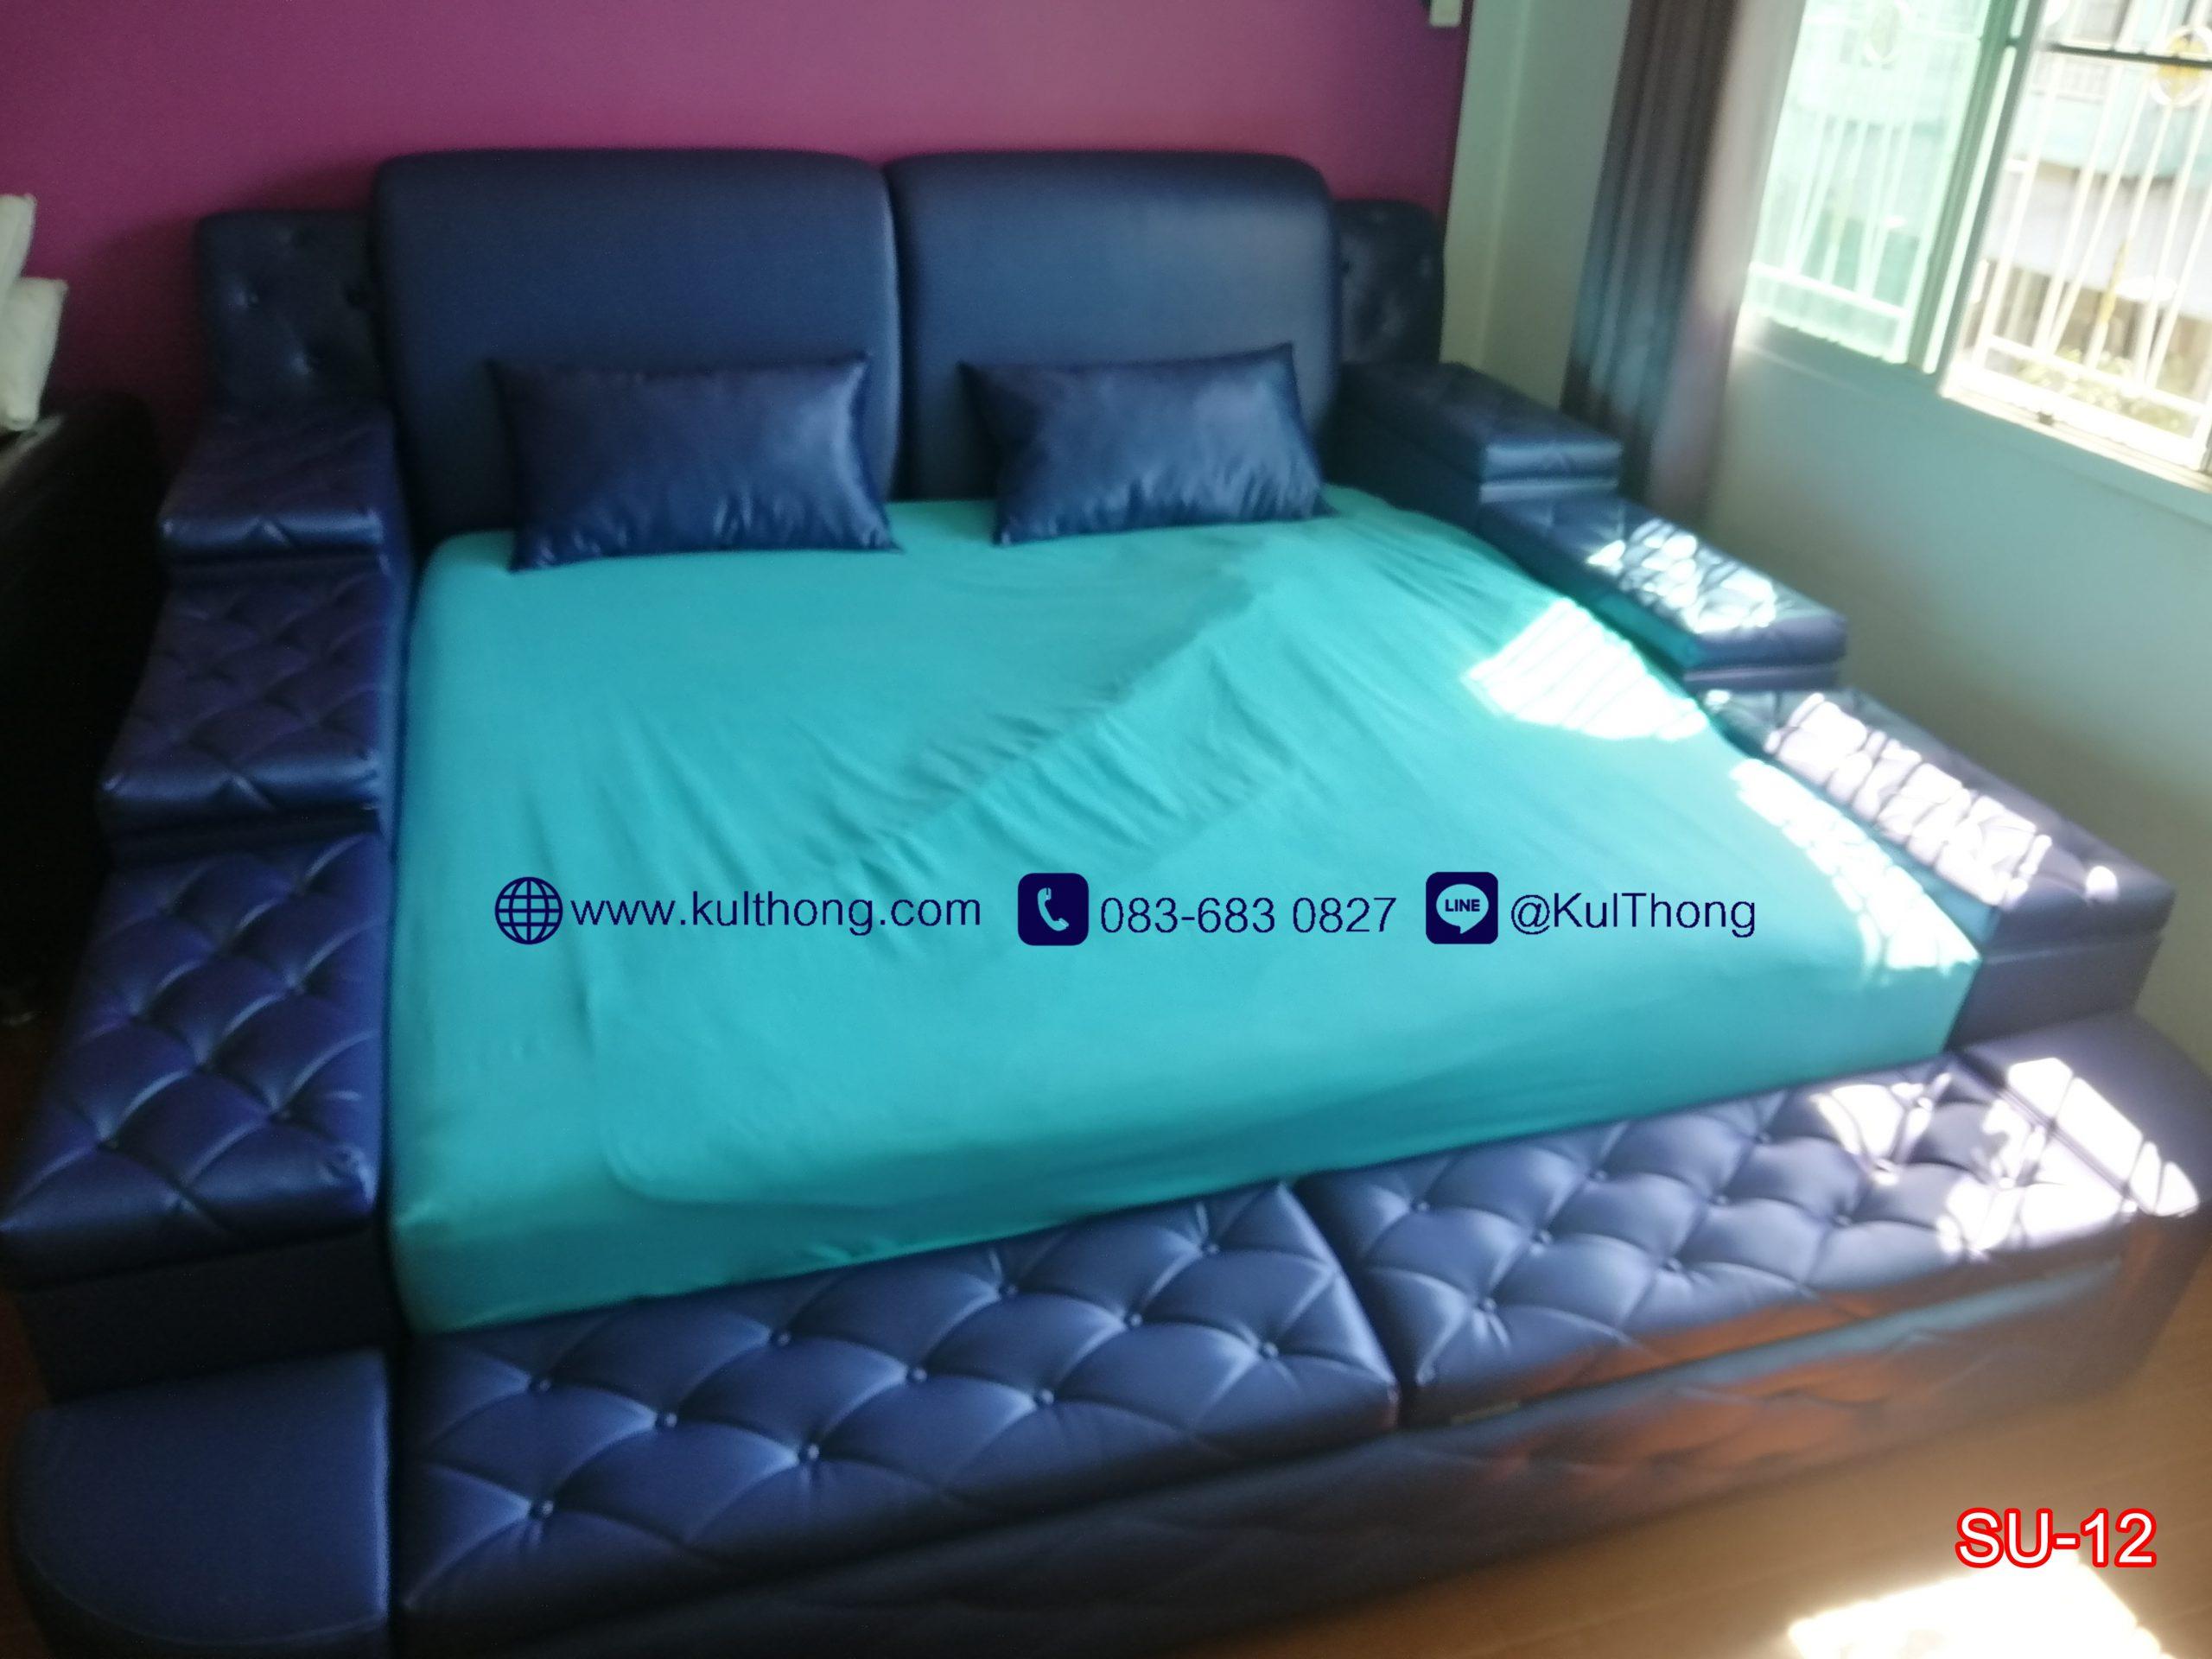 เตียงกล่อง เตียงมีที่เก็บของ เตียงเปิดฝา เตียงกล่องดีไซน์